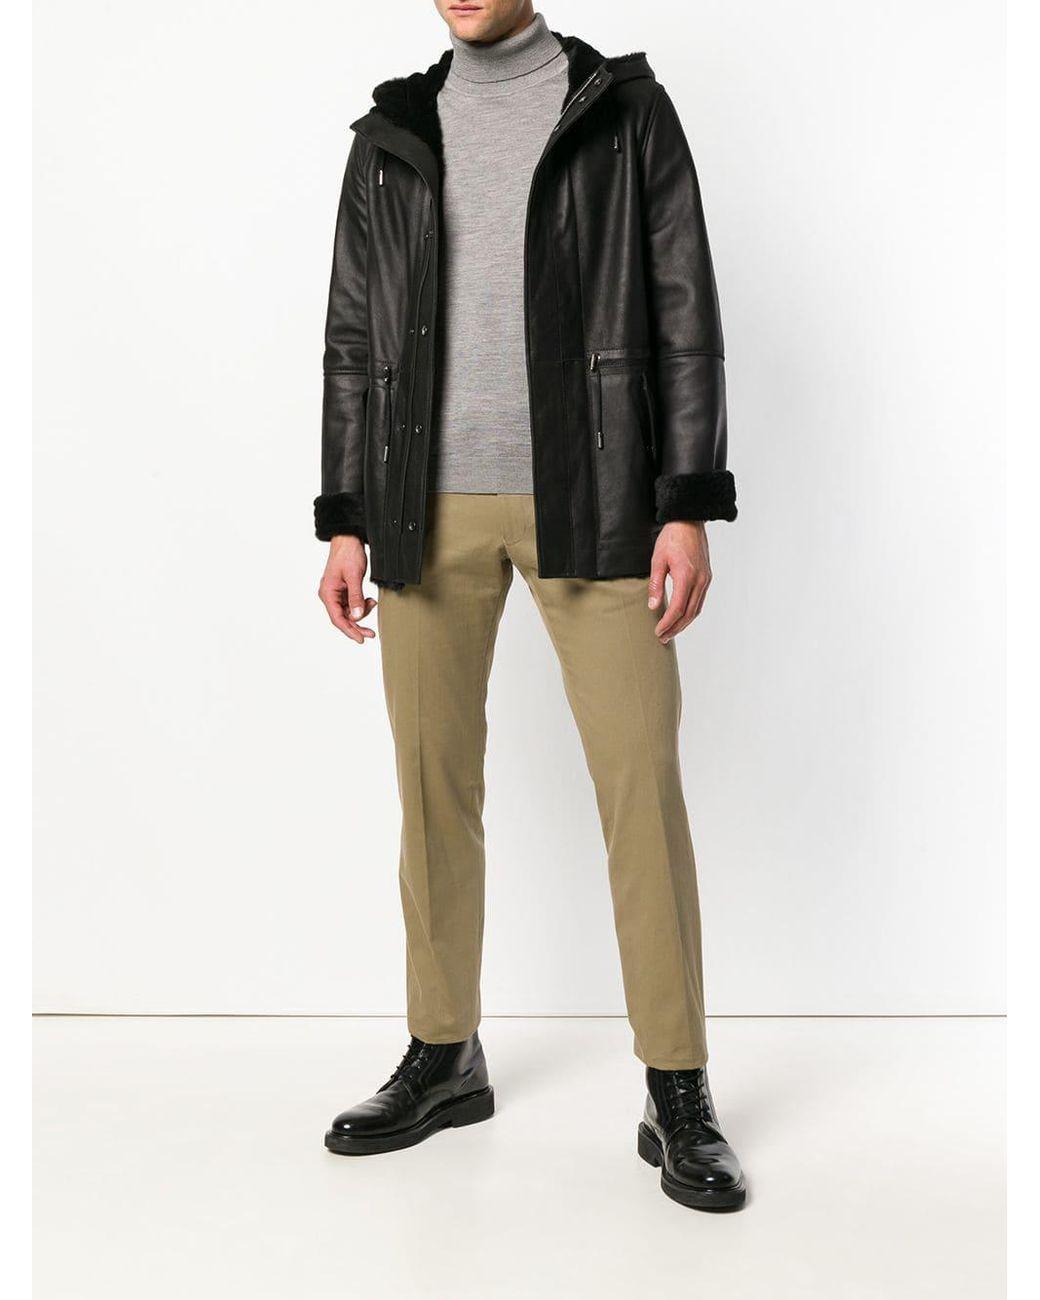 Yves Black Jacket Lyst Salomon For Reversible In Hooded Shearling Men yYfg7b6v